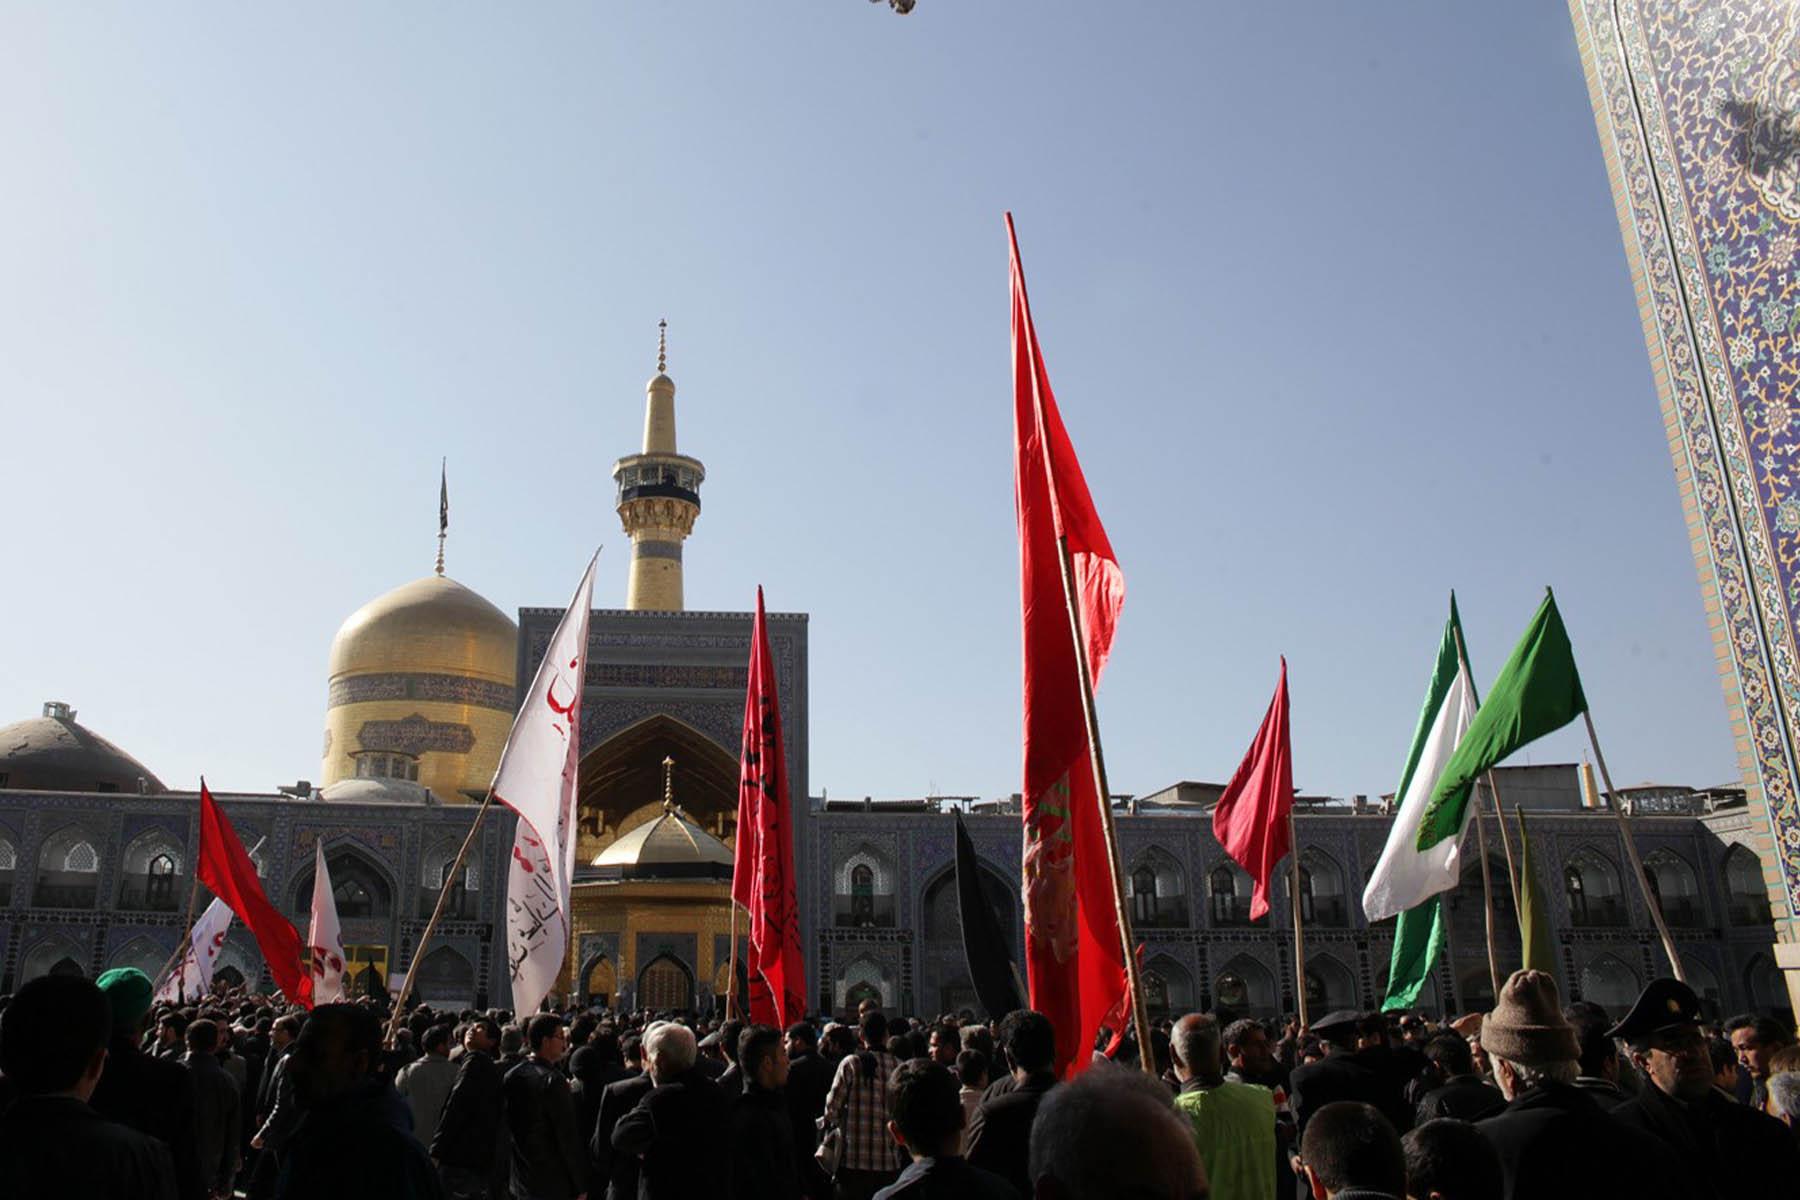 مراسم تاسوعا و عاشورا در مشهد